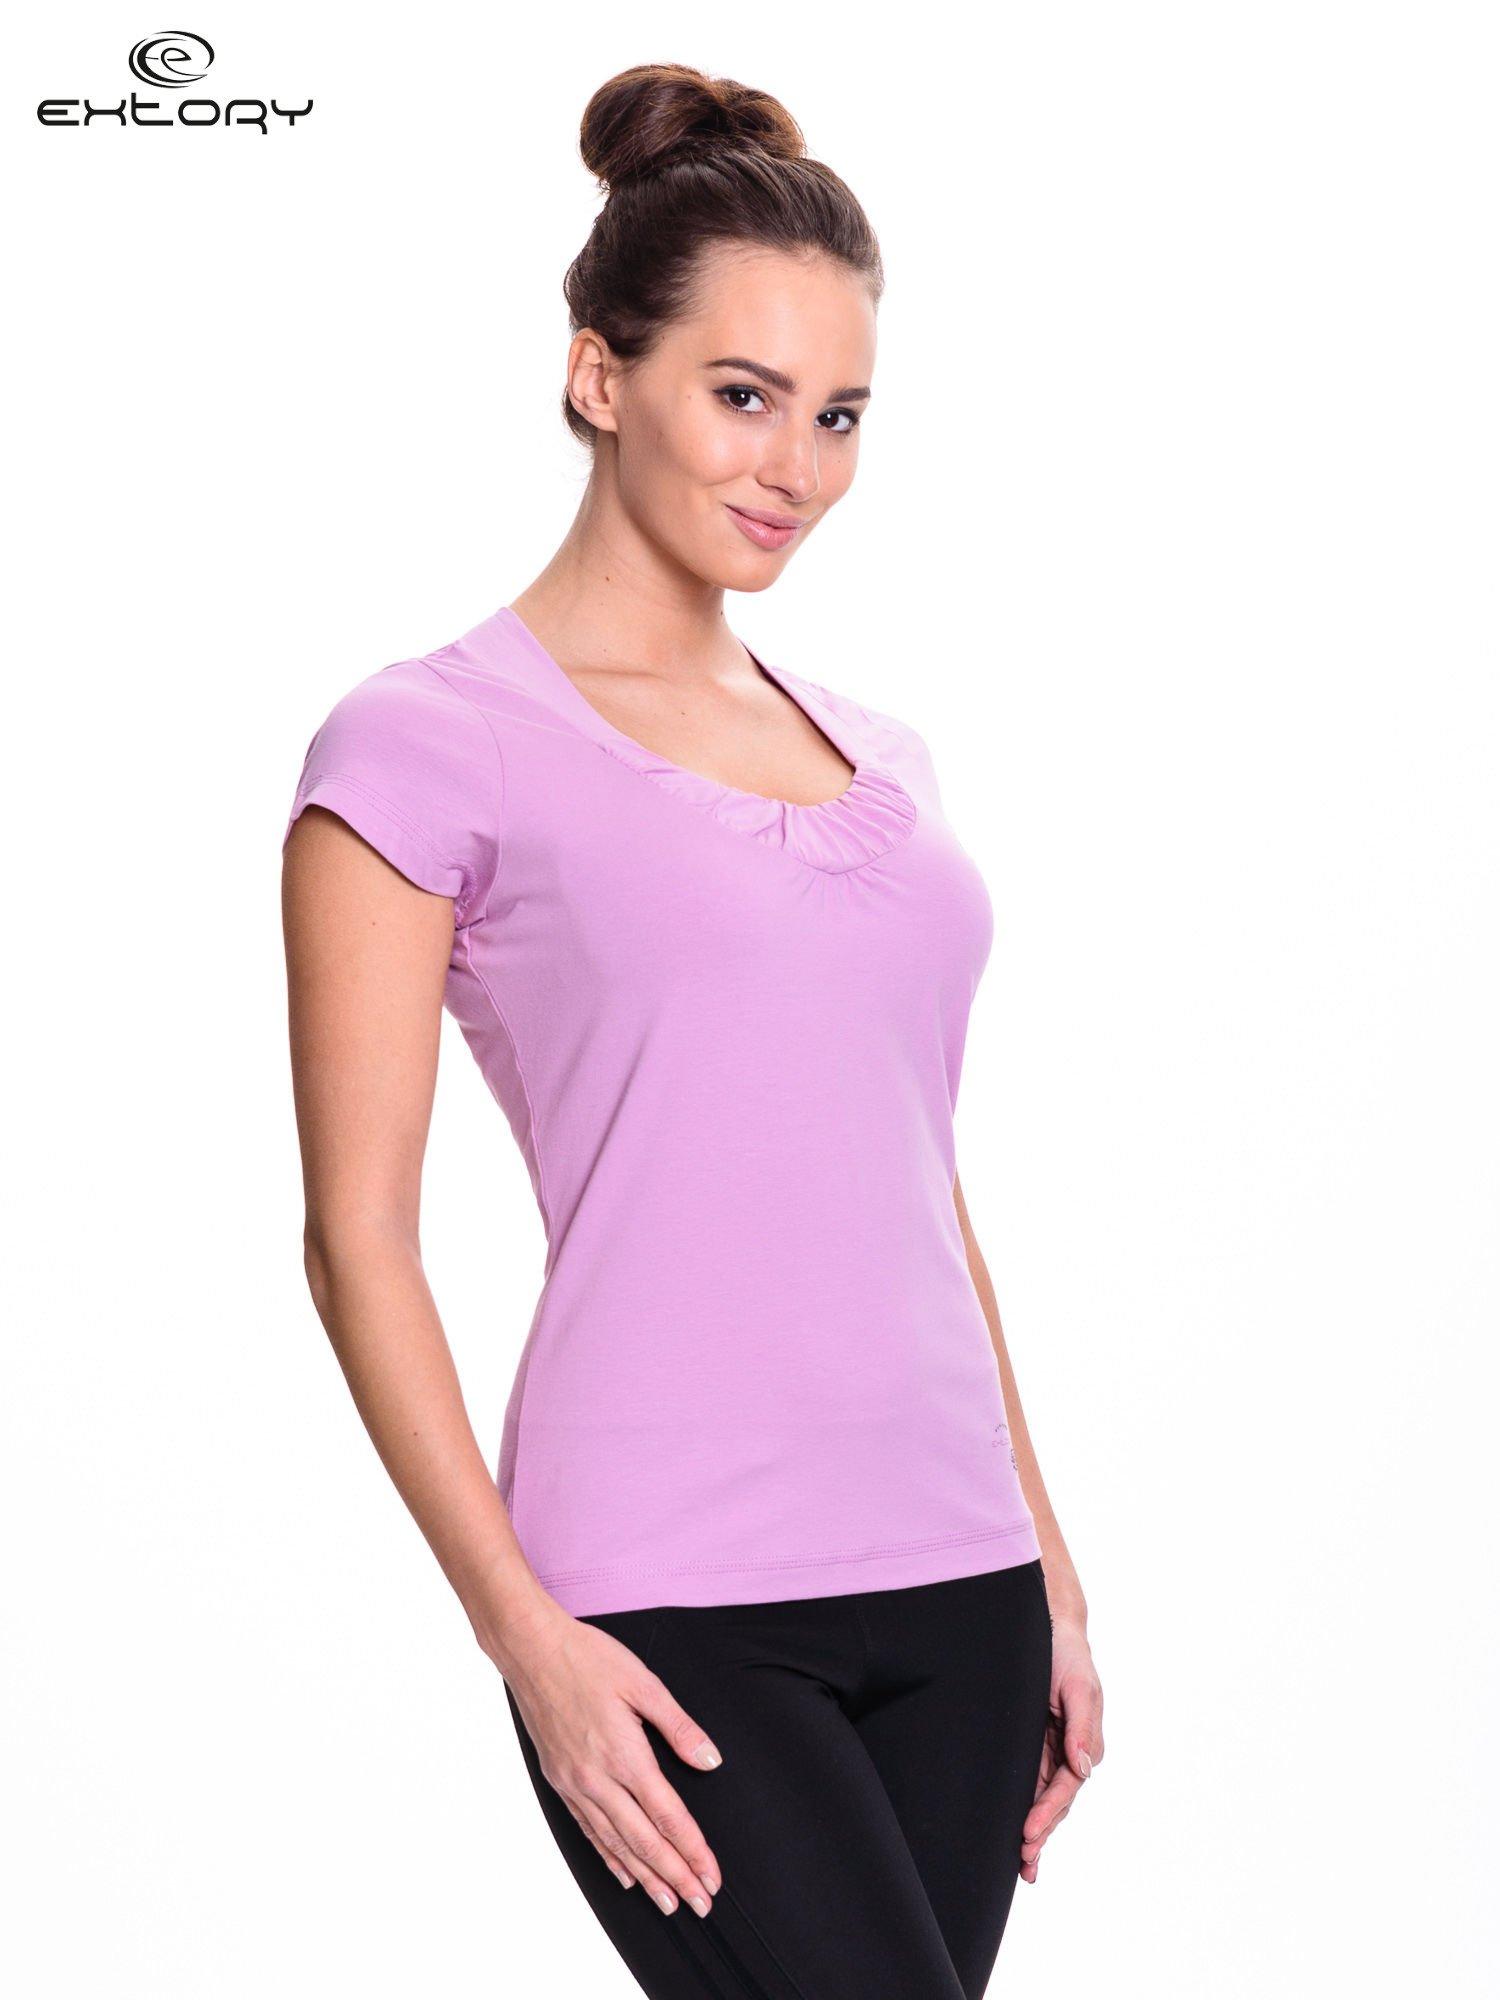 Jasnofioletowy damski t-shirt sportowy z marszczonym dekoltem                                  zdj.                                  3